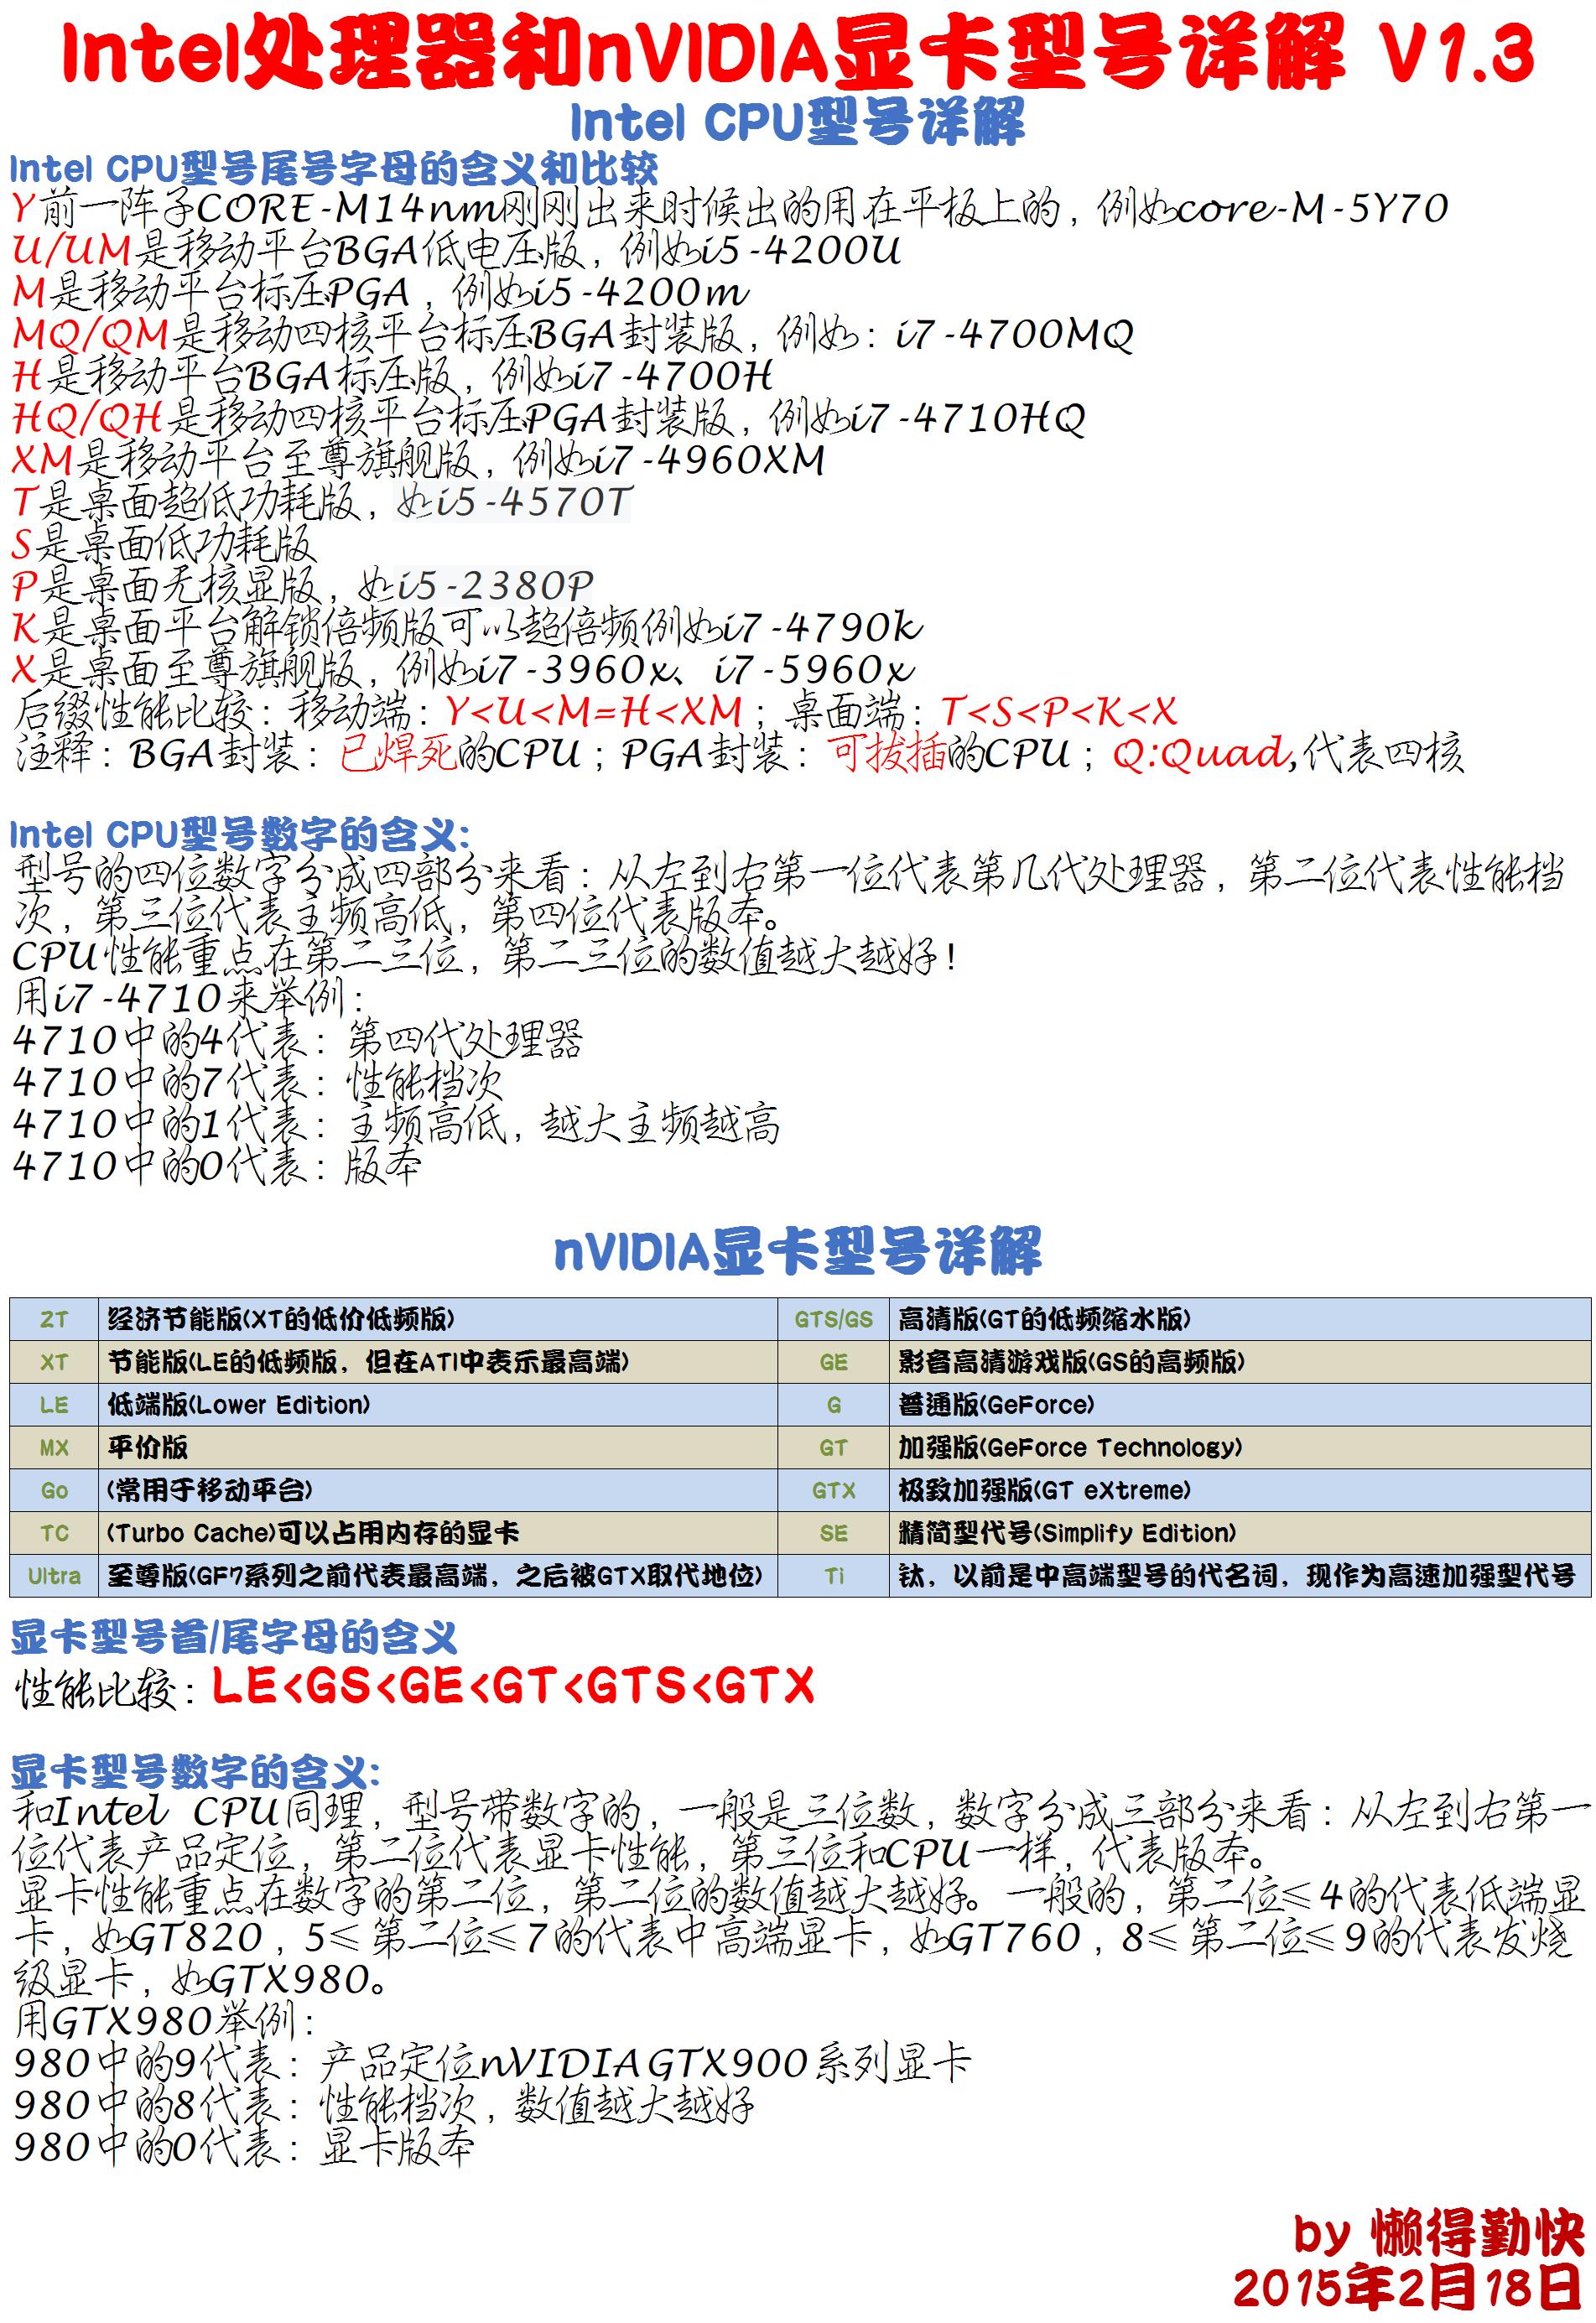 笔记本电脑新手购机导航&全程分析详解教程-萌草酱